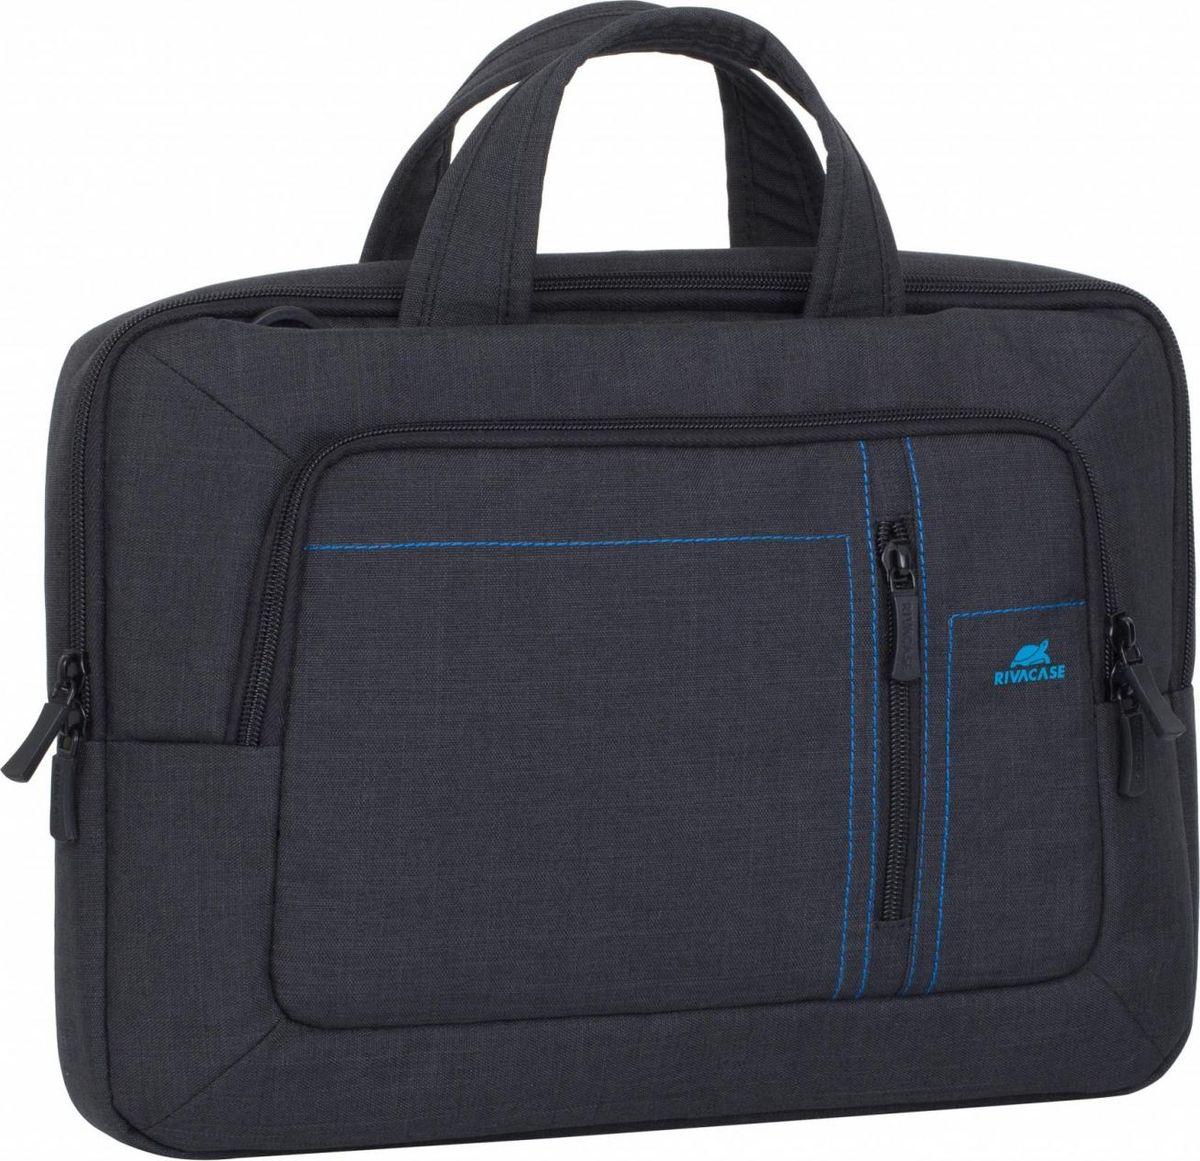 """RivaCase 7520, Black сумка для ноутбука 13,3"""""""